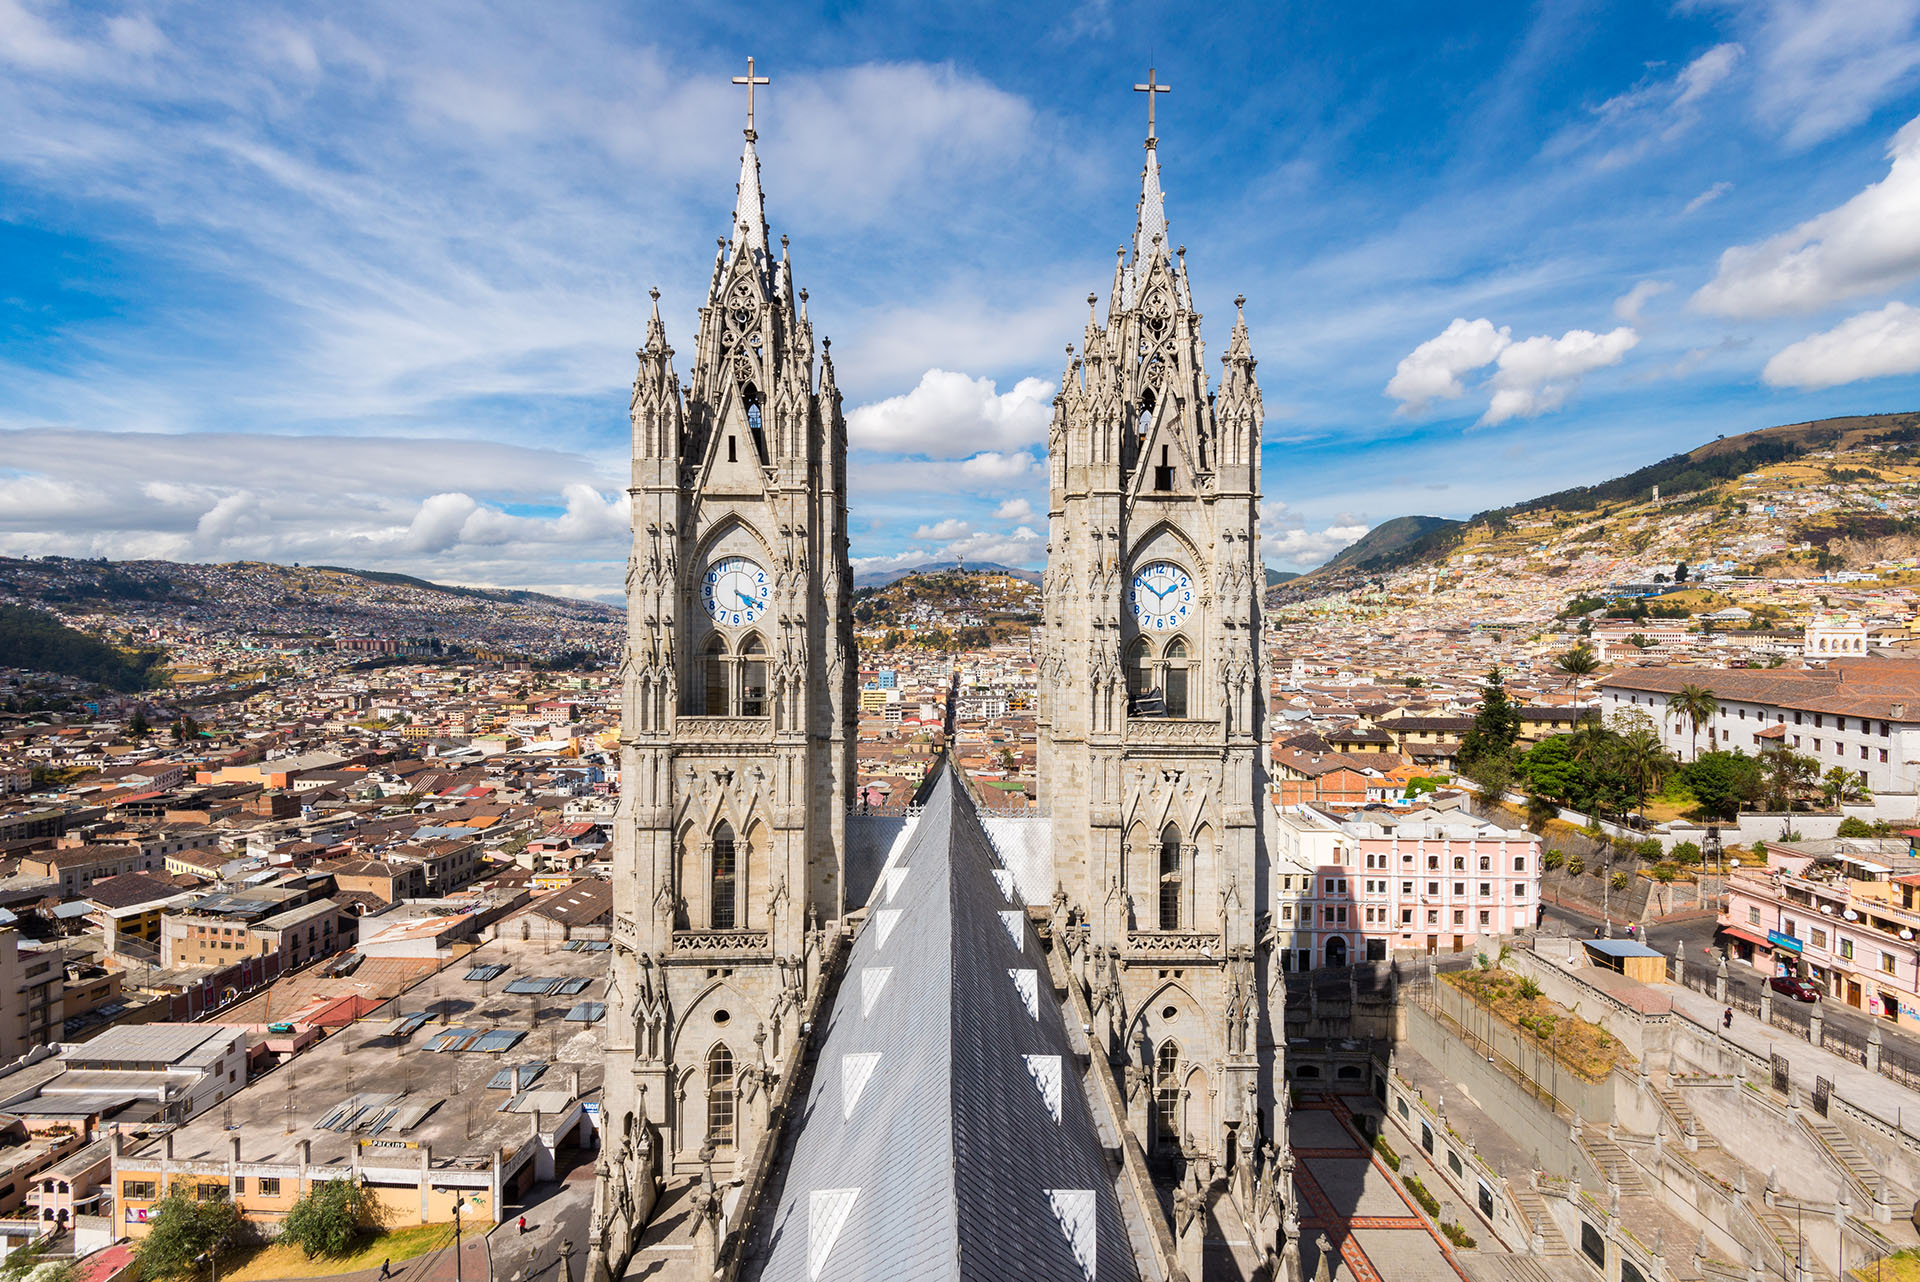 Es la segunda capital más alta del mundo, y ubicada en las laderas del volcán Pichincha. La iglesia jesuita de la Compañía de Jesús es una visita obligada